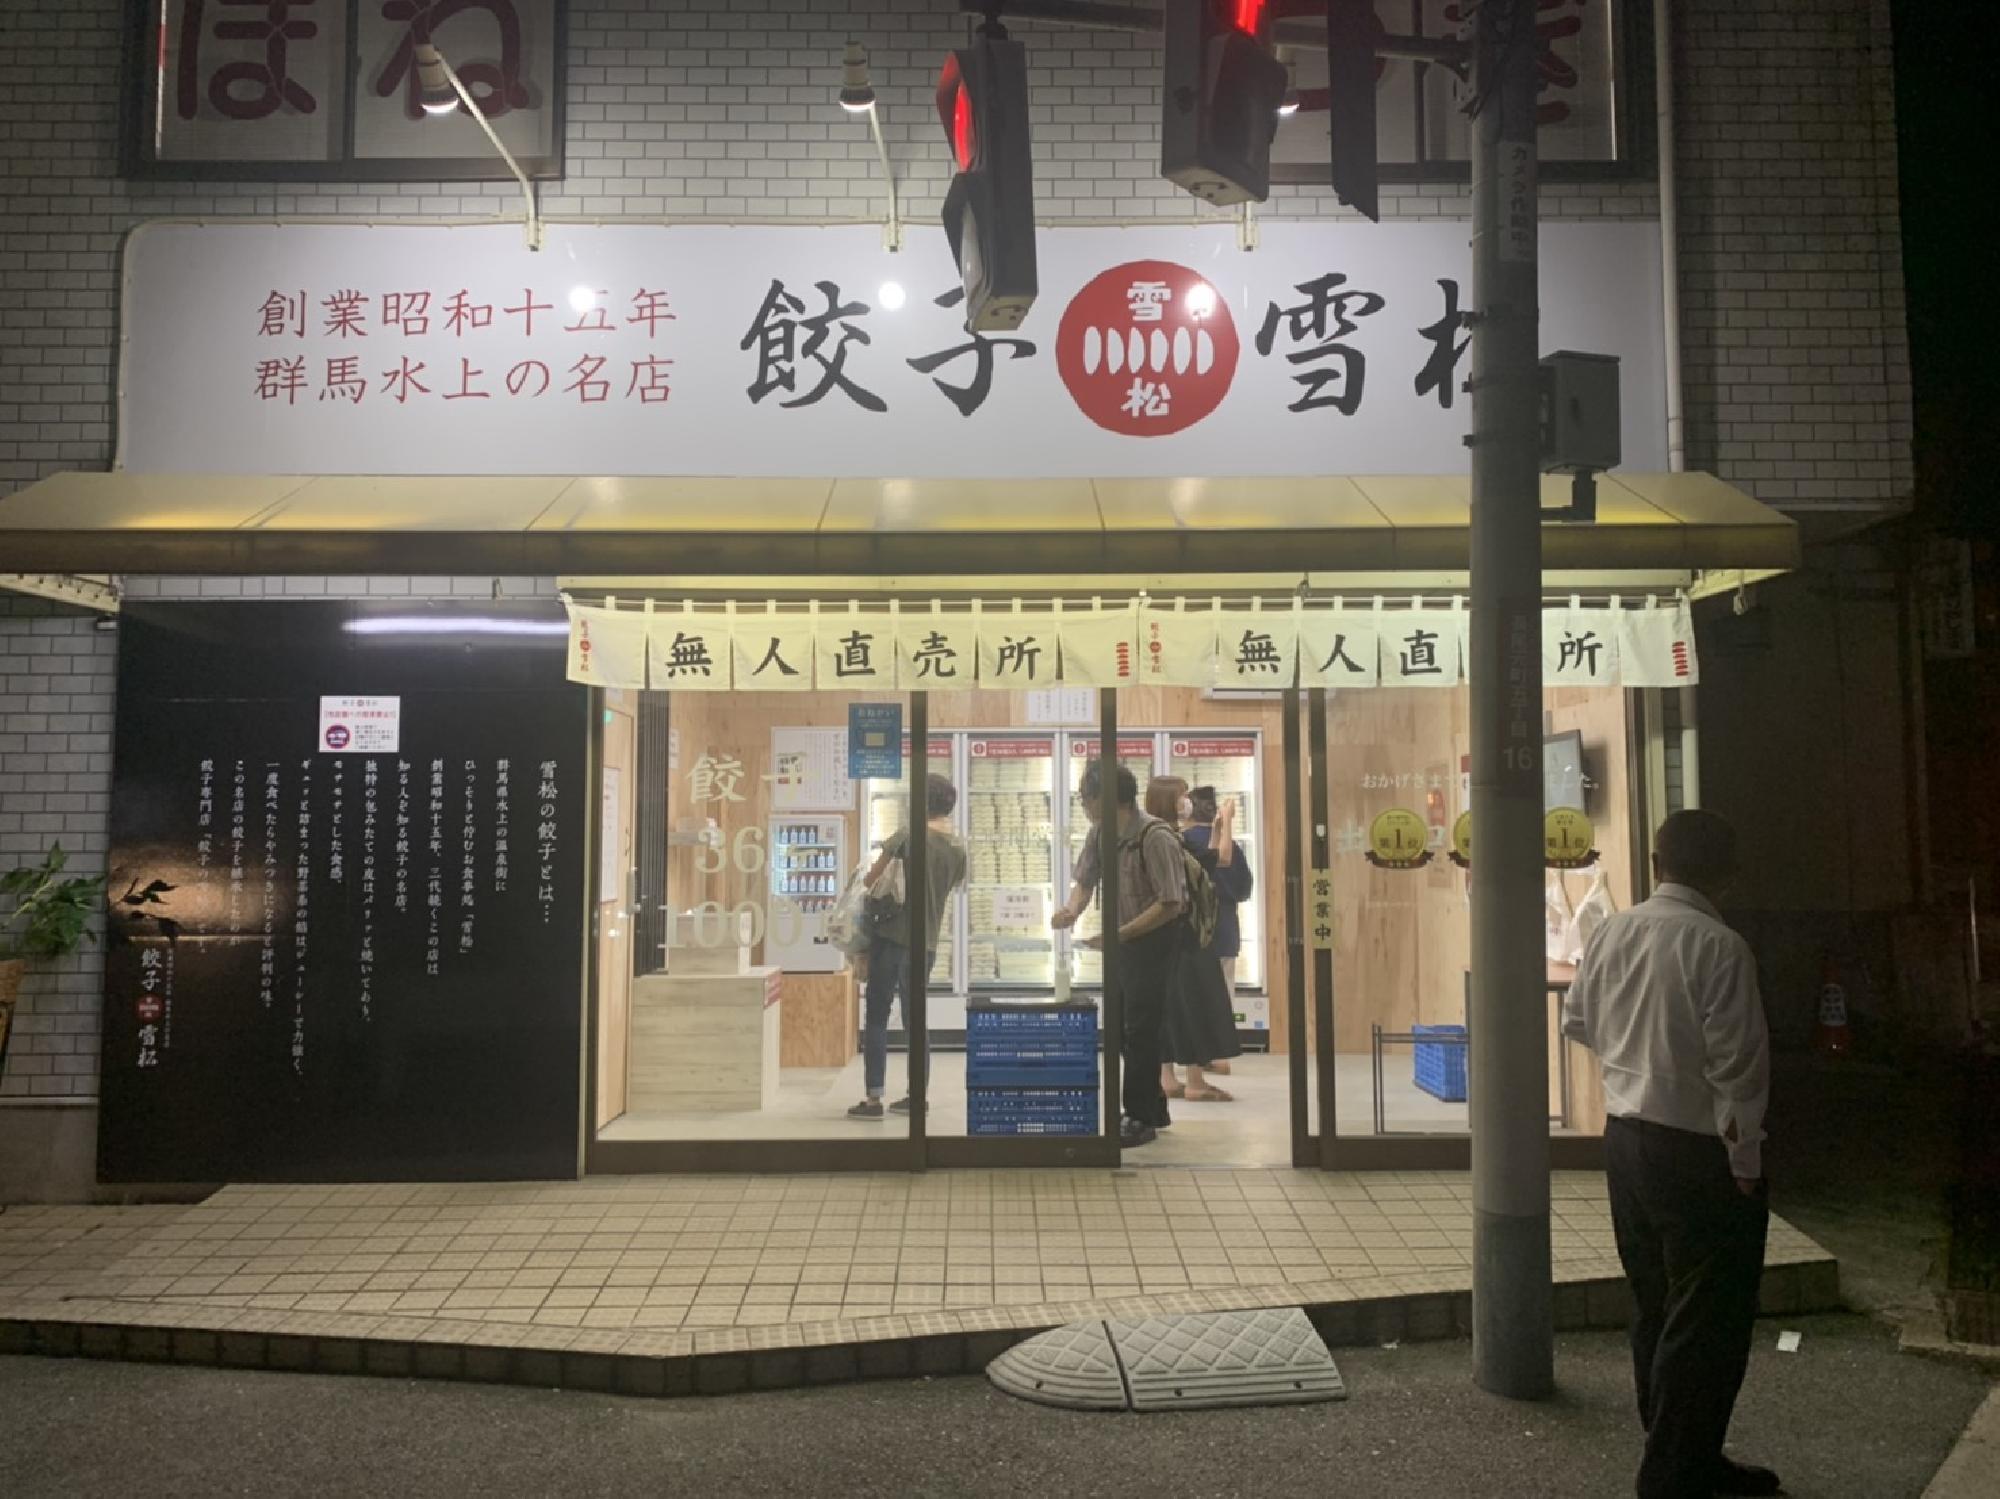 餃子無人販売 餃子の雪松枚方店_画像_3